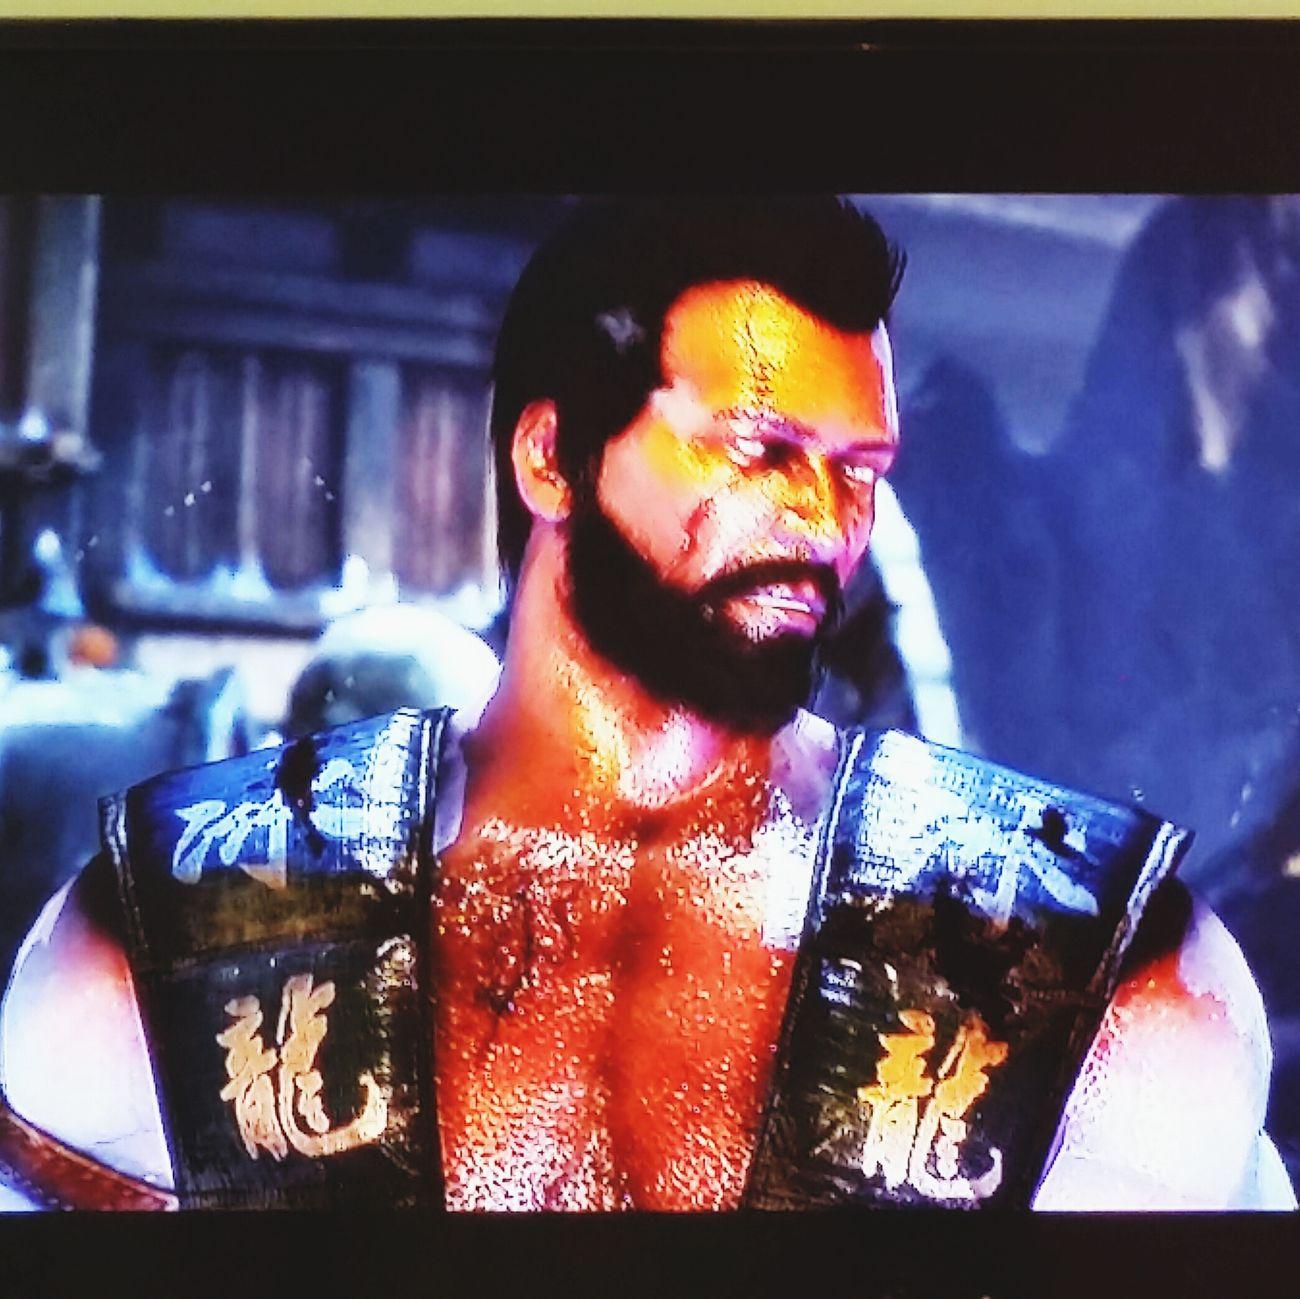 Mortalkombat Mkx Videogames Subzero EyeEem Best Shots- My World My Hobby Hobby Bestgameever Fatality Finishhim